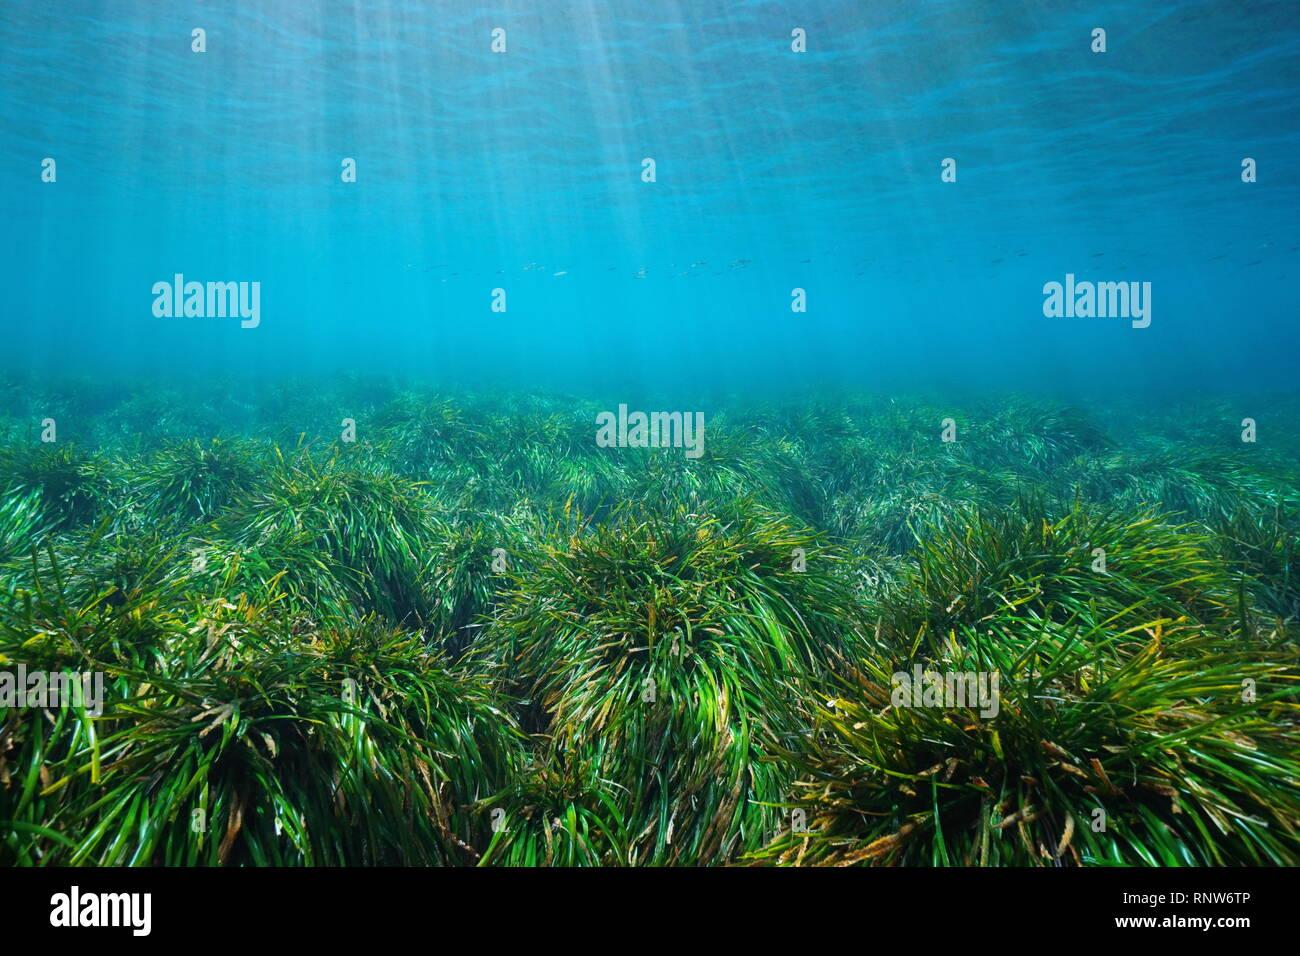 Grassy seabed underwater in the Mediterranean sea, neptune grass Posidonia oceanica, Cabo de Gata Nijar, Almeria, Andalusia, Spain - Stock Image